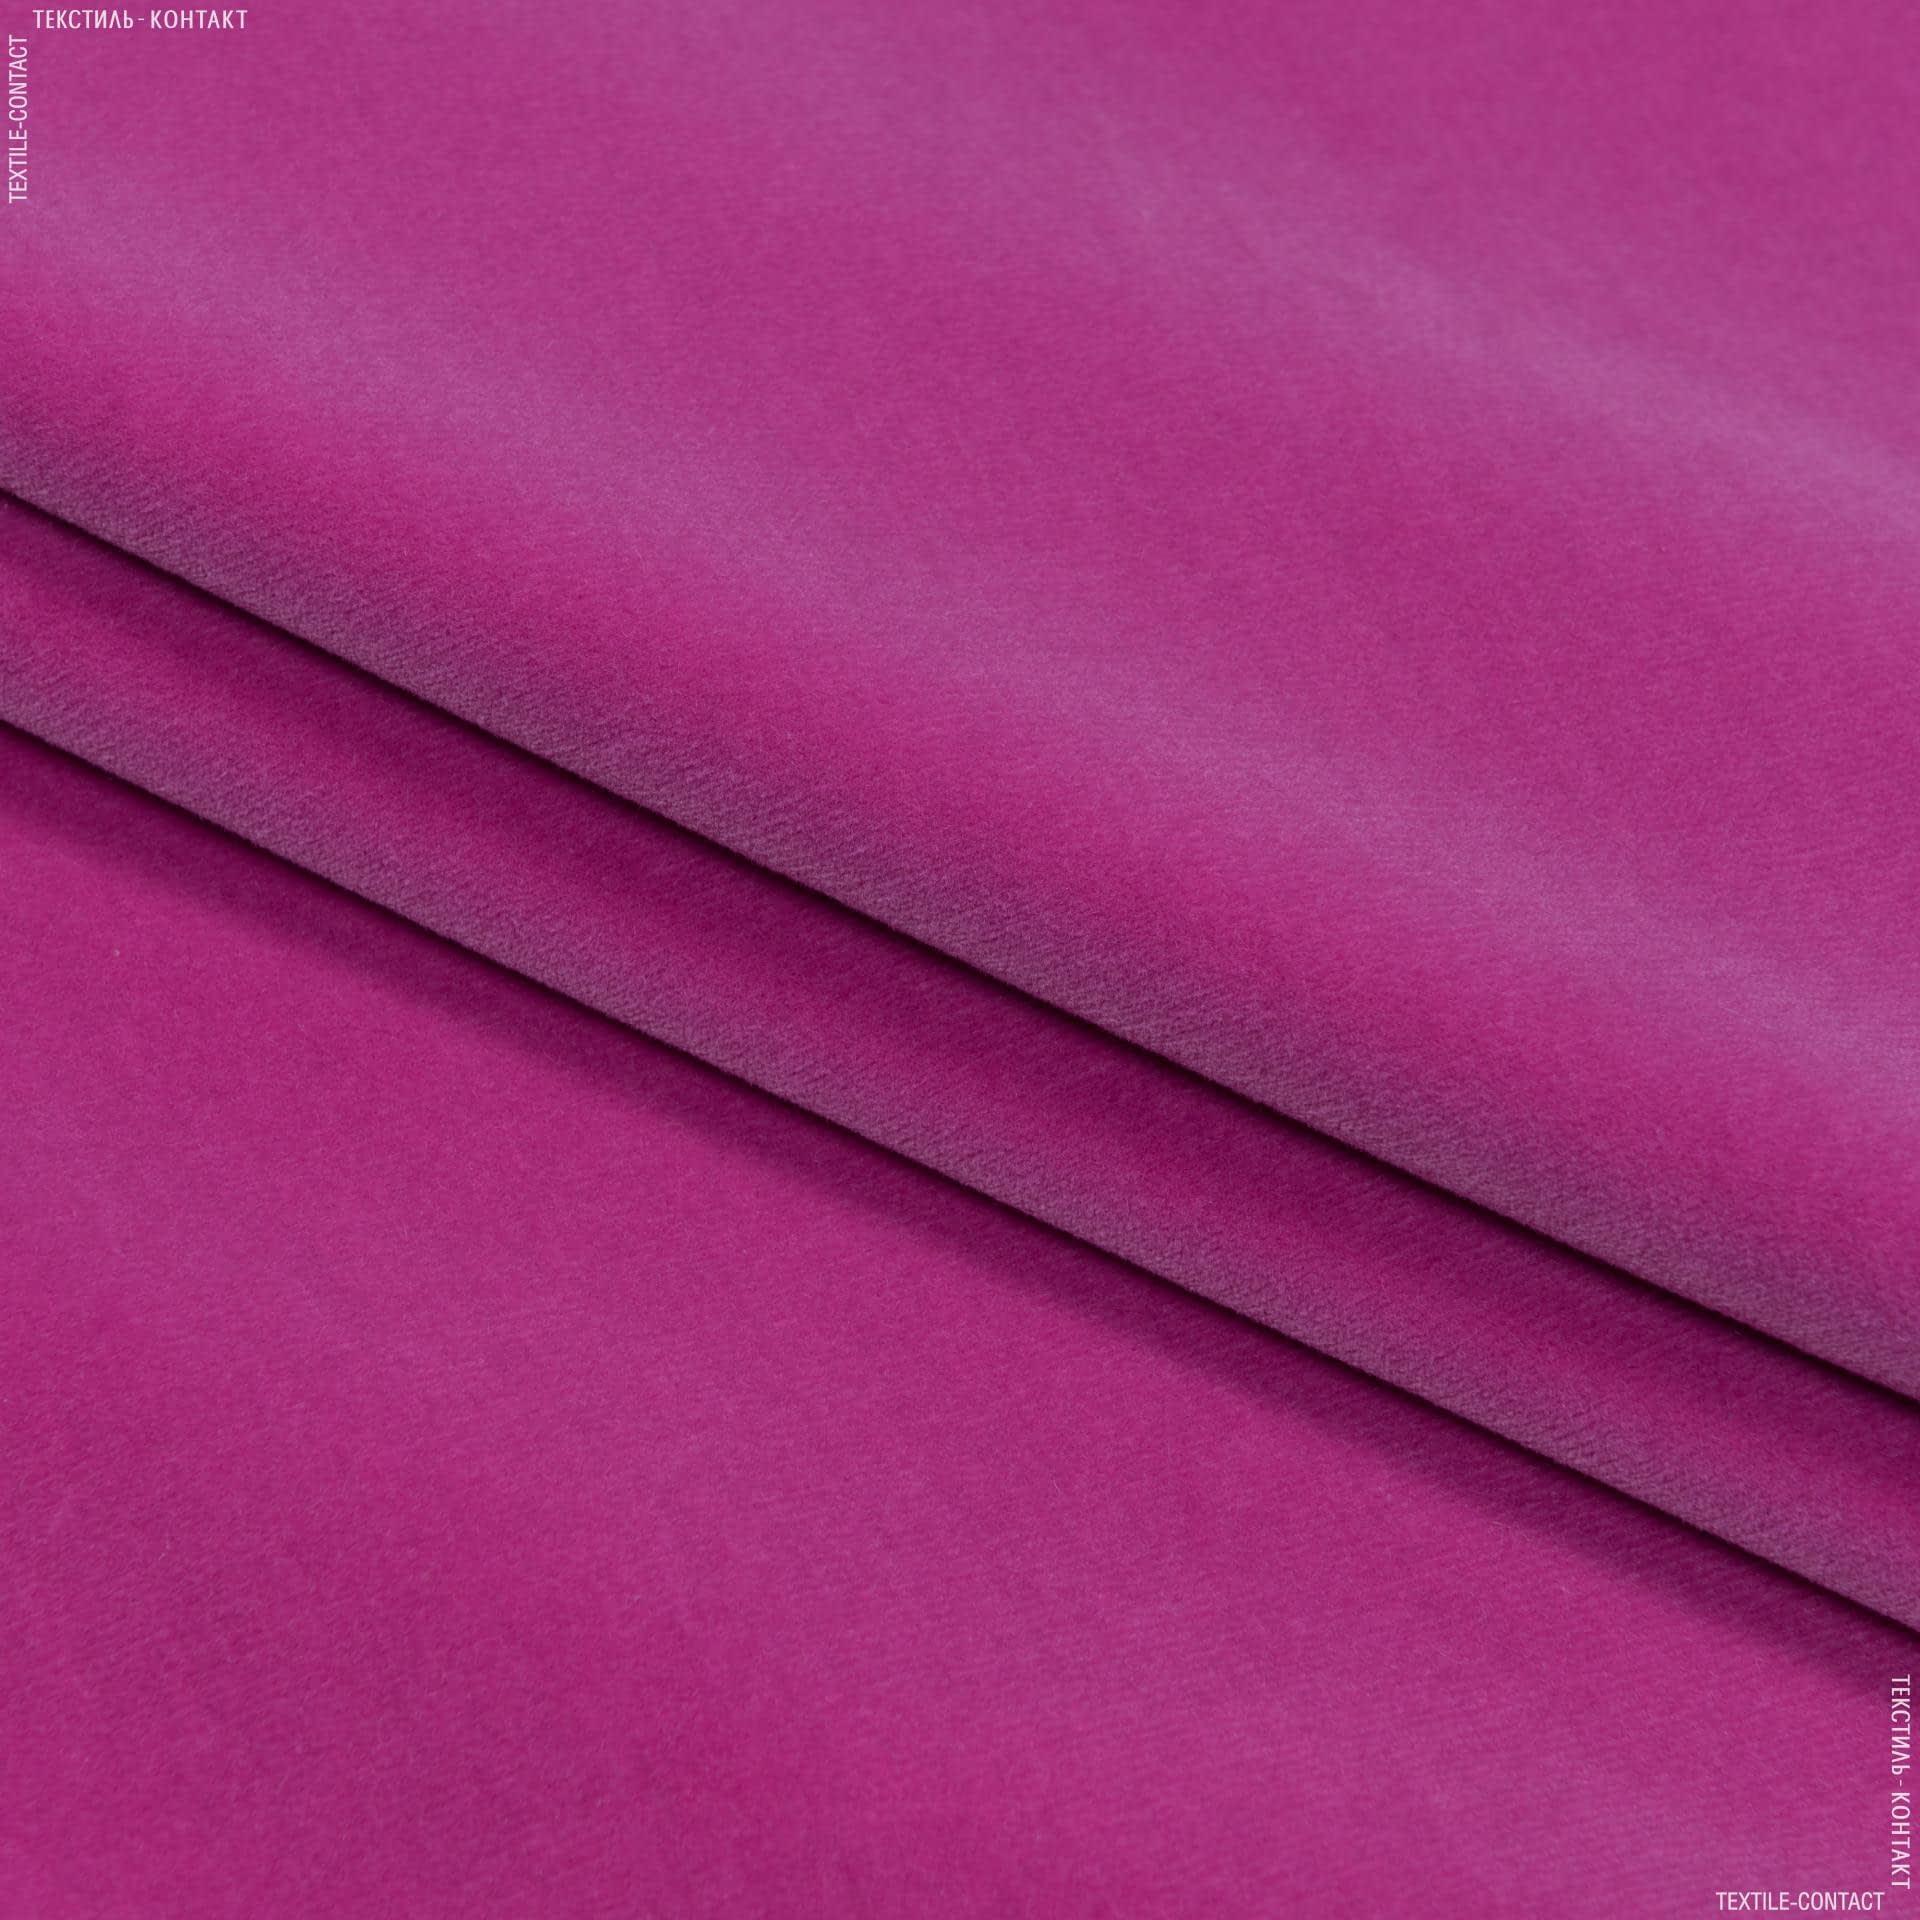 Тканини для меблів - Велюр белфаст/ belfast / фуксія сток